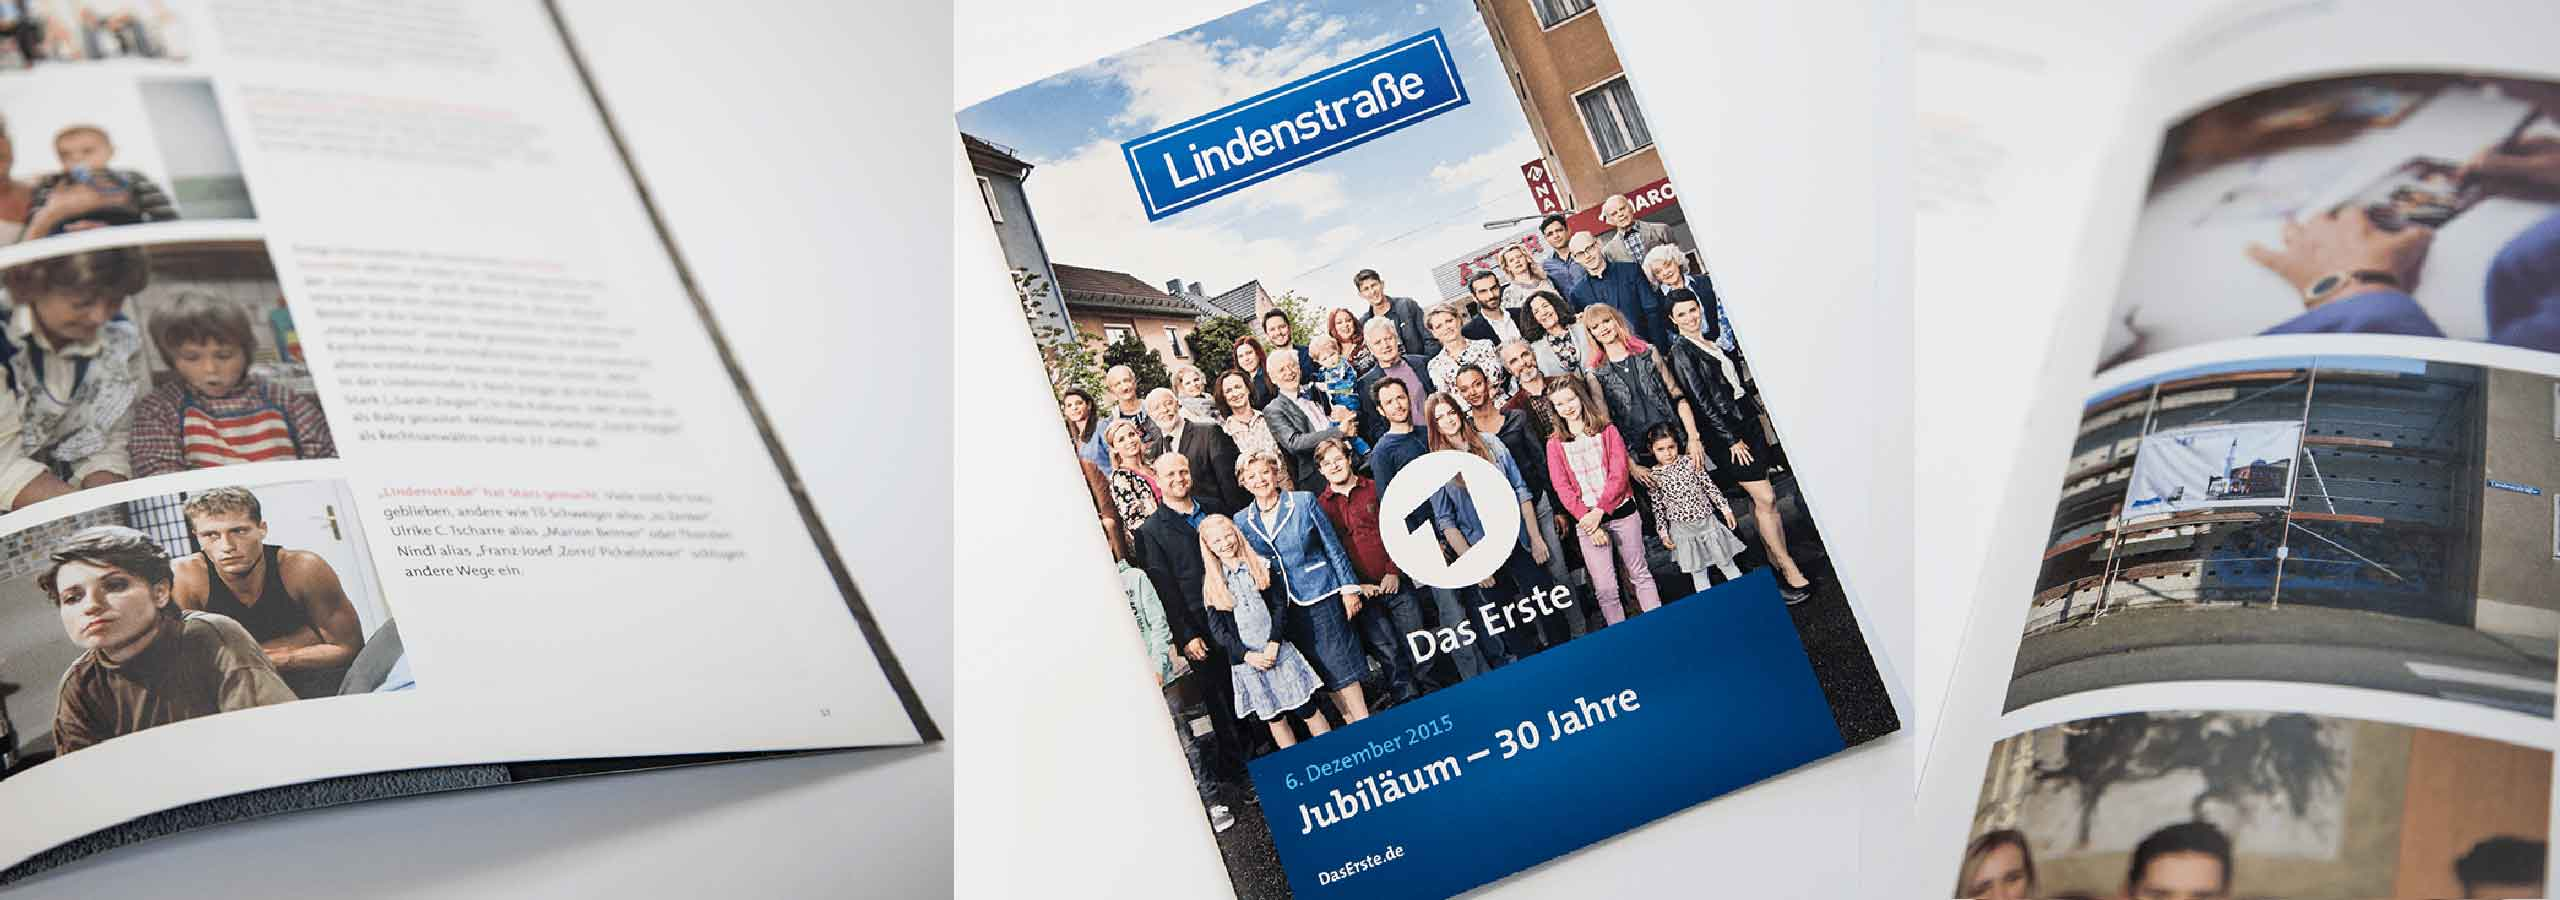 """Presseheft ARD """"Lindenstraße"""" von Design Agentur Köln"""